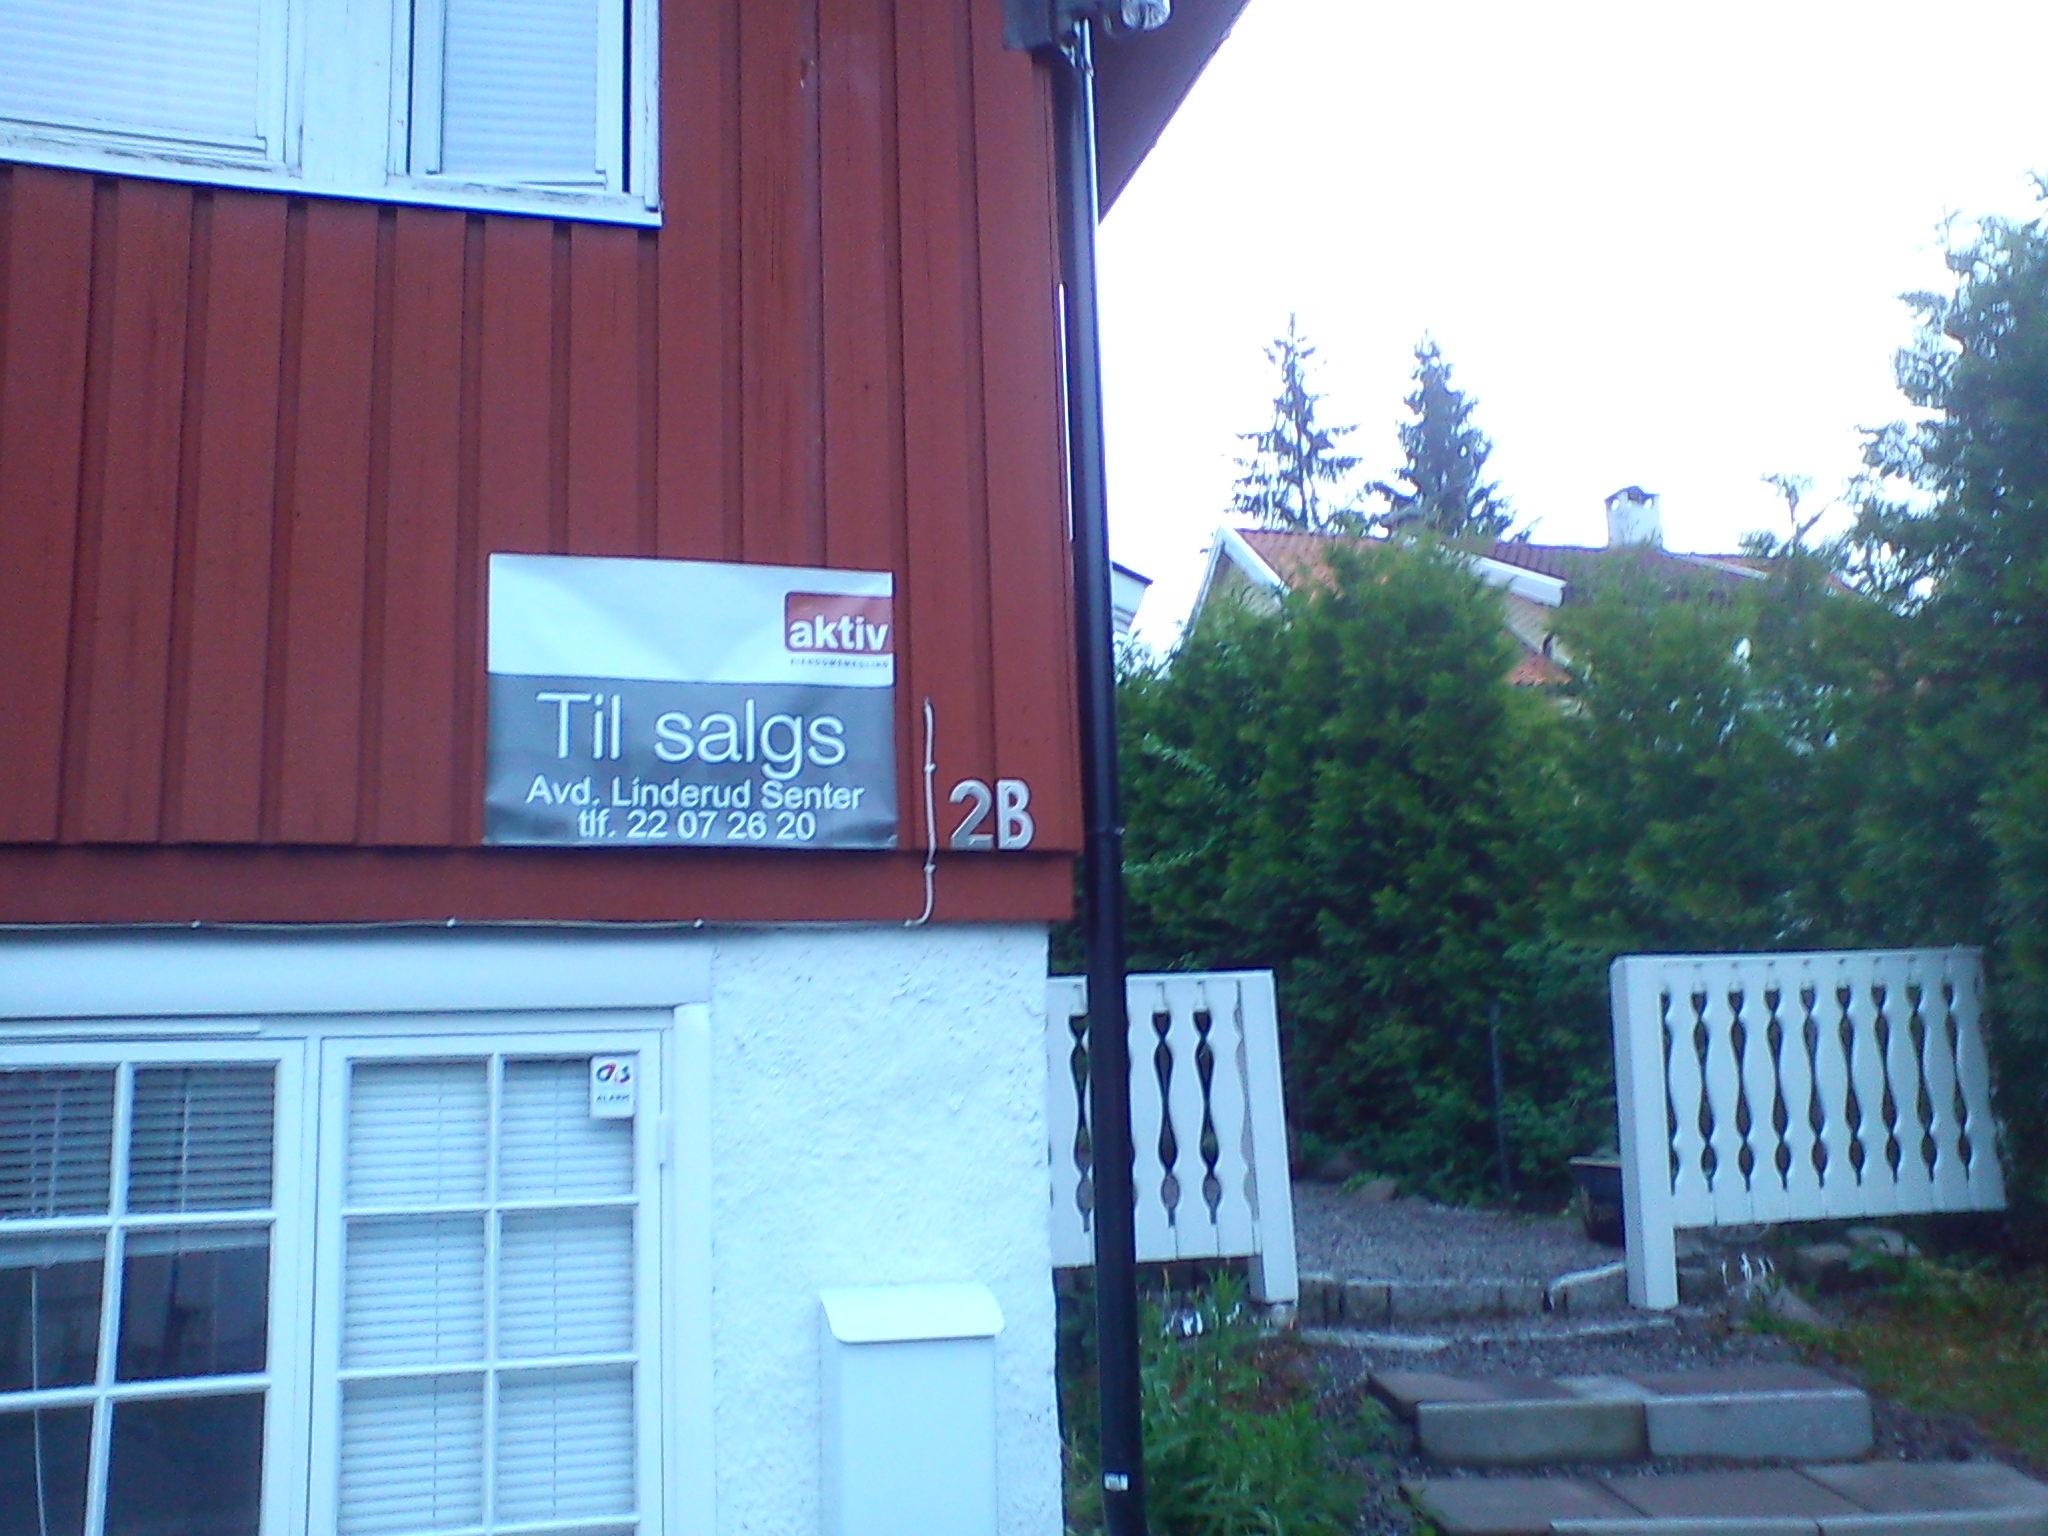 norske kvinner prostitusjon i norge i dag